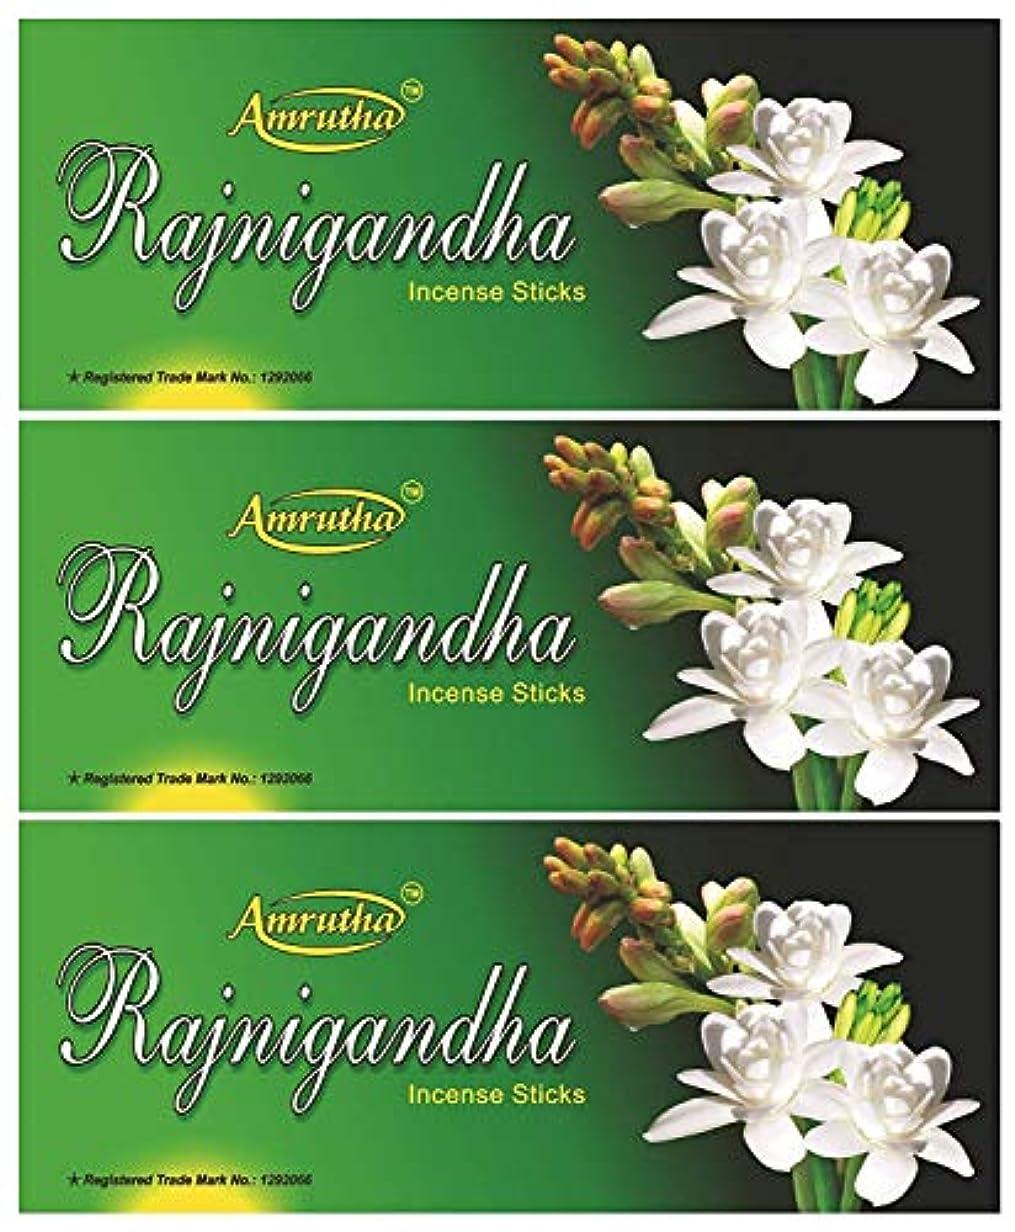 コマンド更新とは異なりAMRUTHA PREMIUM INCENSE STICKS Rajnigandha Incense Sticks (100g, Black) - Pack of 3